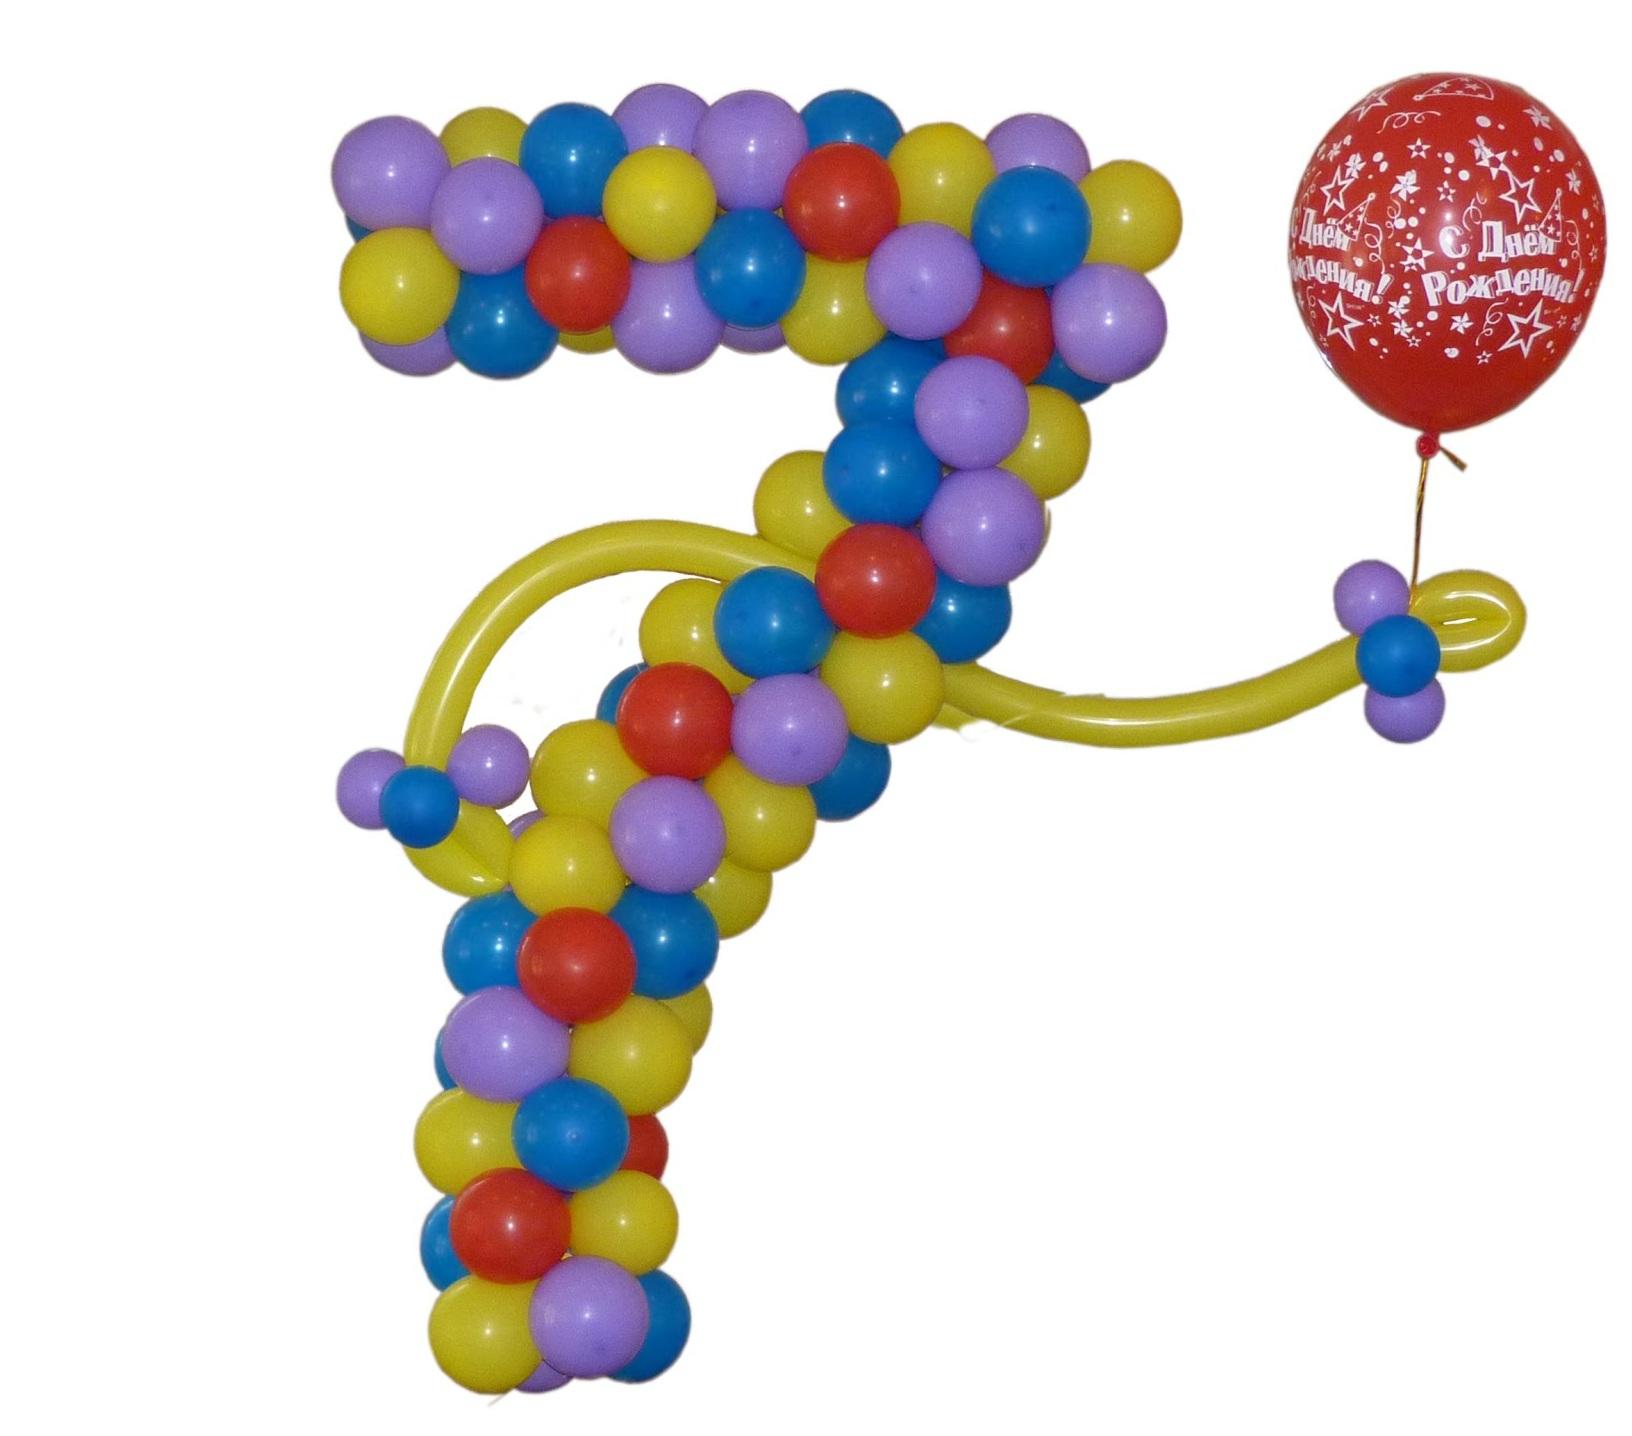 Днем, открытка с днем рождения из шаров